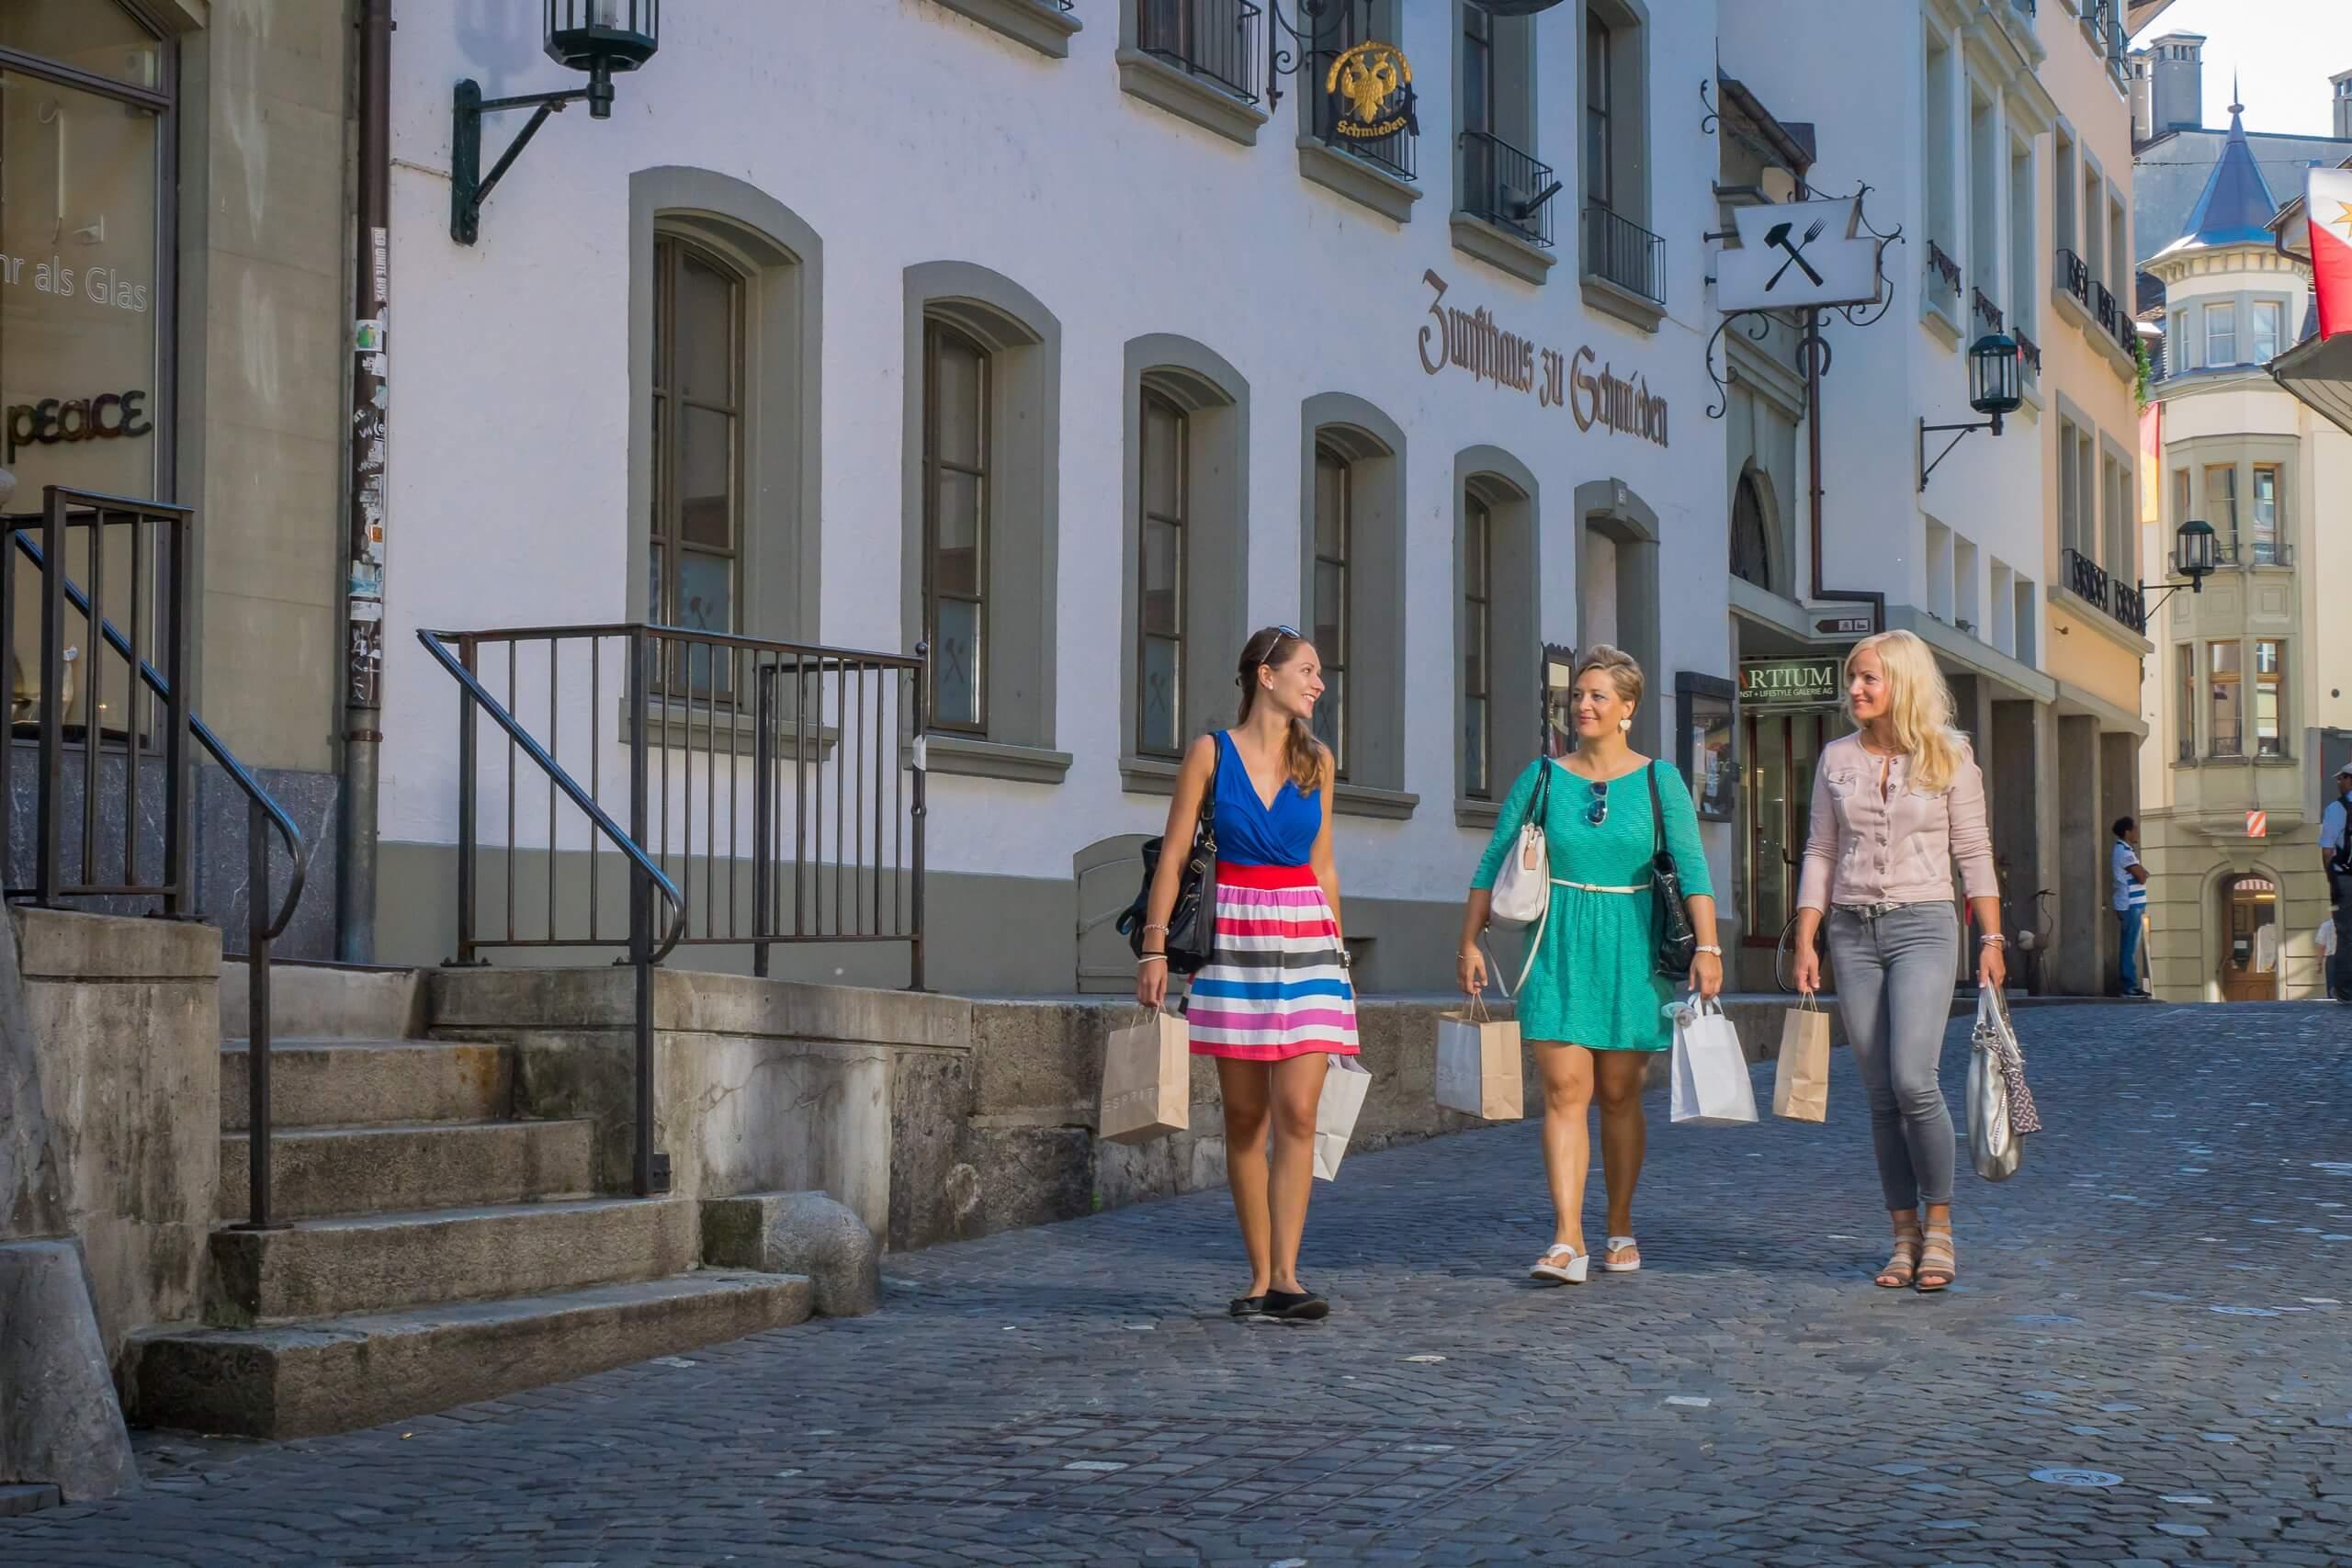 thun-altstadt-laden-shopping-sommer-freunde